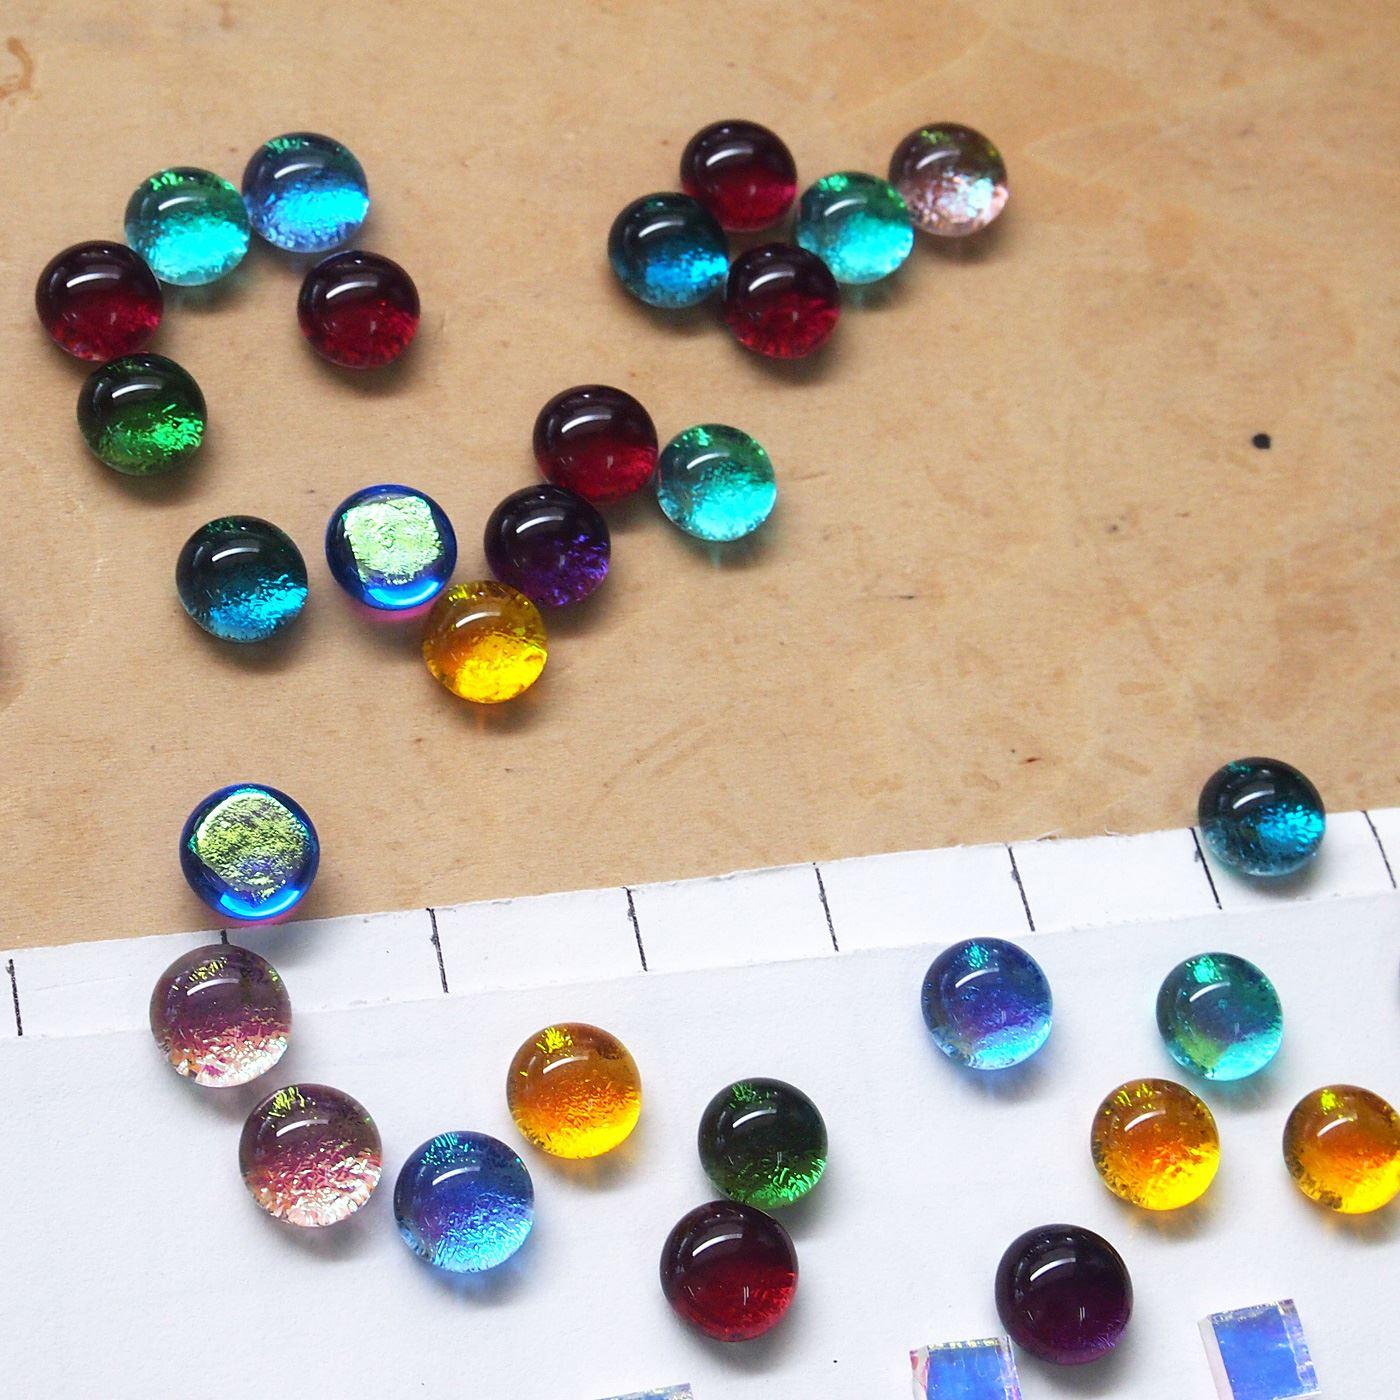 2種類のガラスが重なっているため、奥行きのある深い色合いになります。